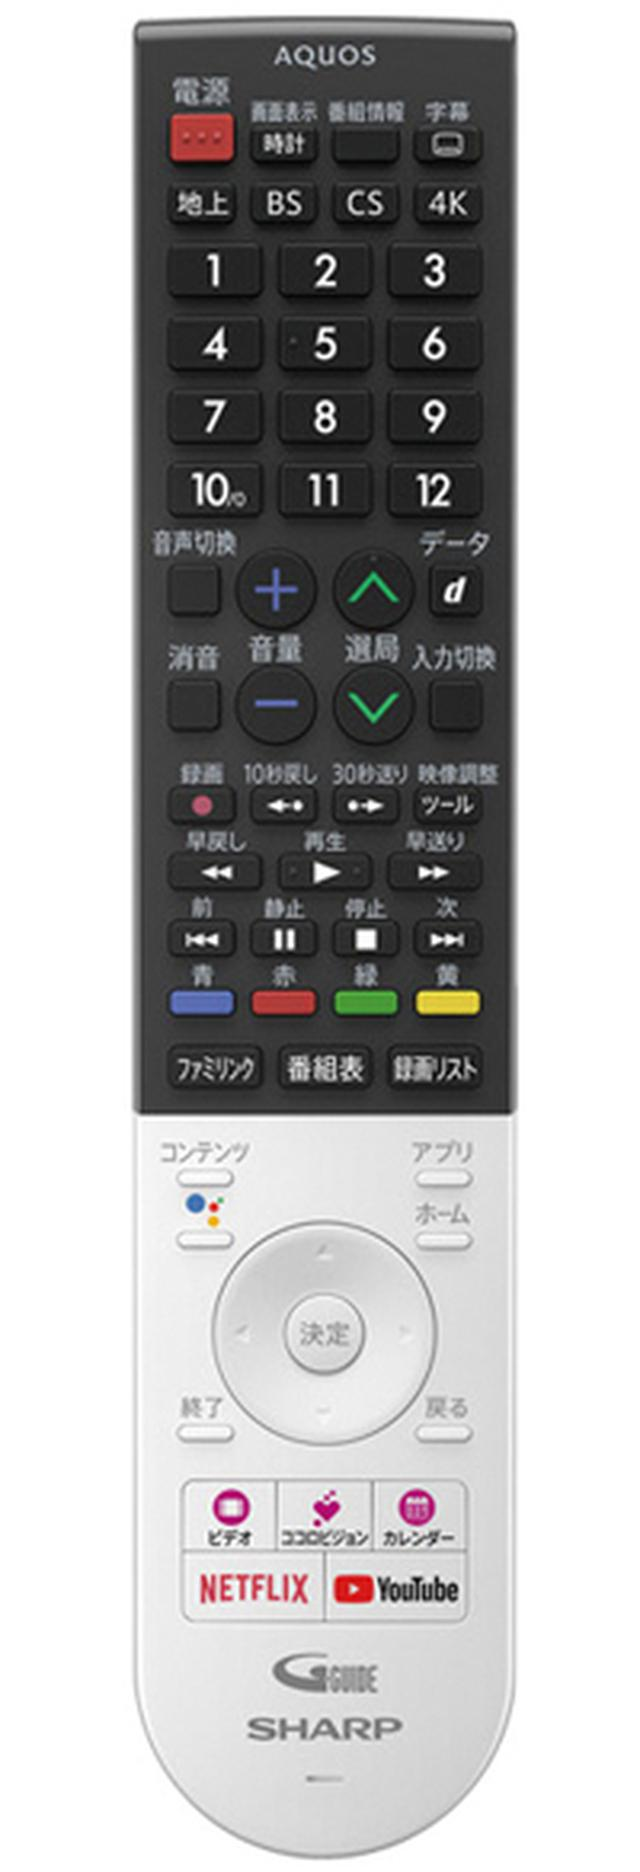 画像25: 【4Kテレビのおすすめ】2K/4K変換処理の性能がアップ!評価の高い15機種を徹底比較